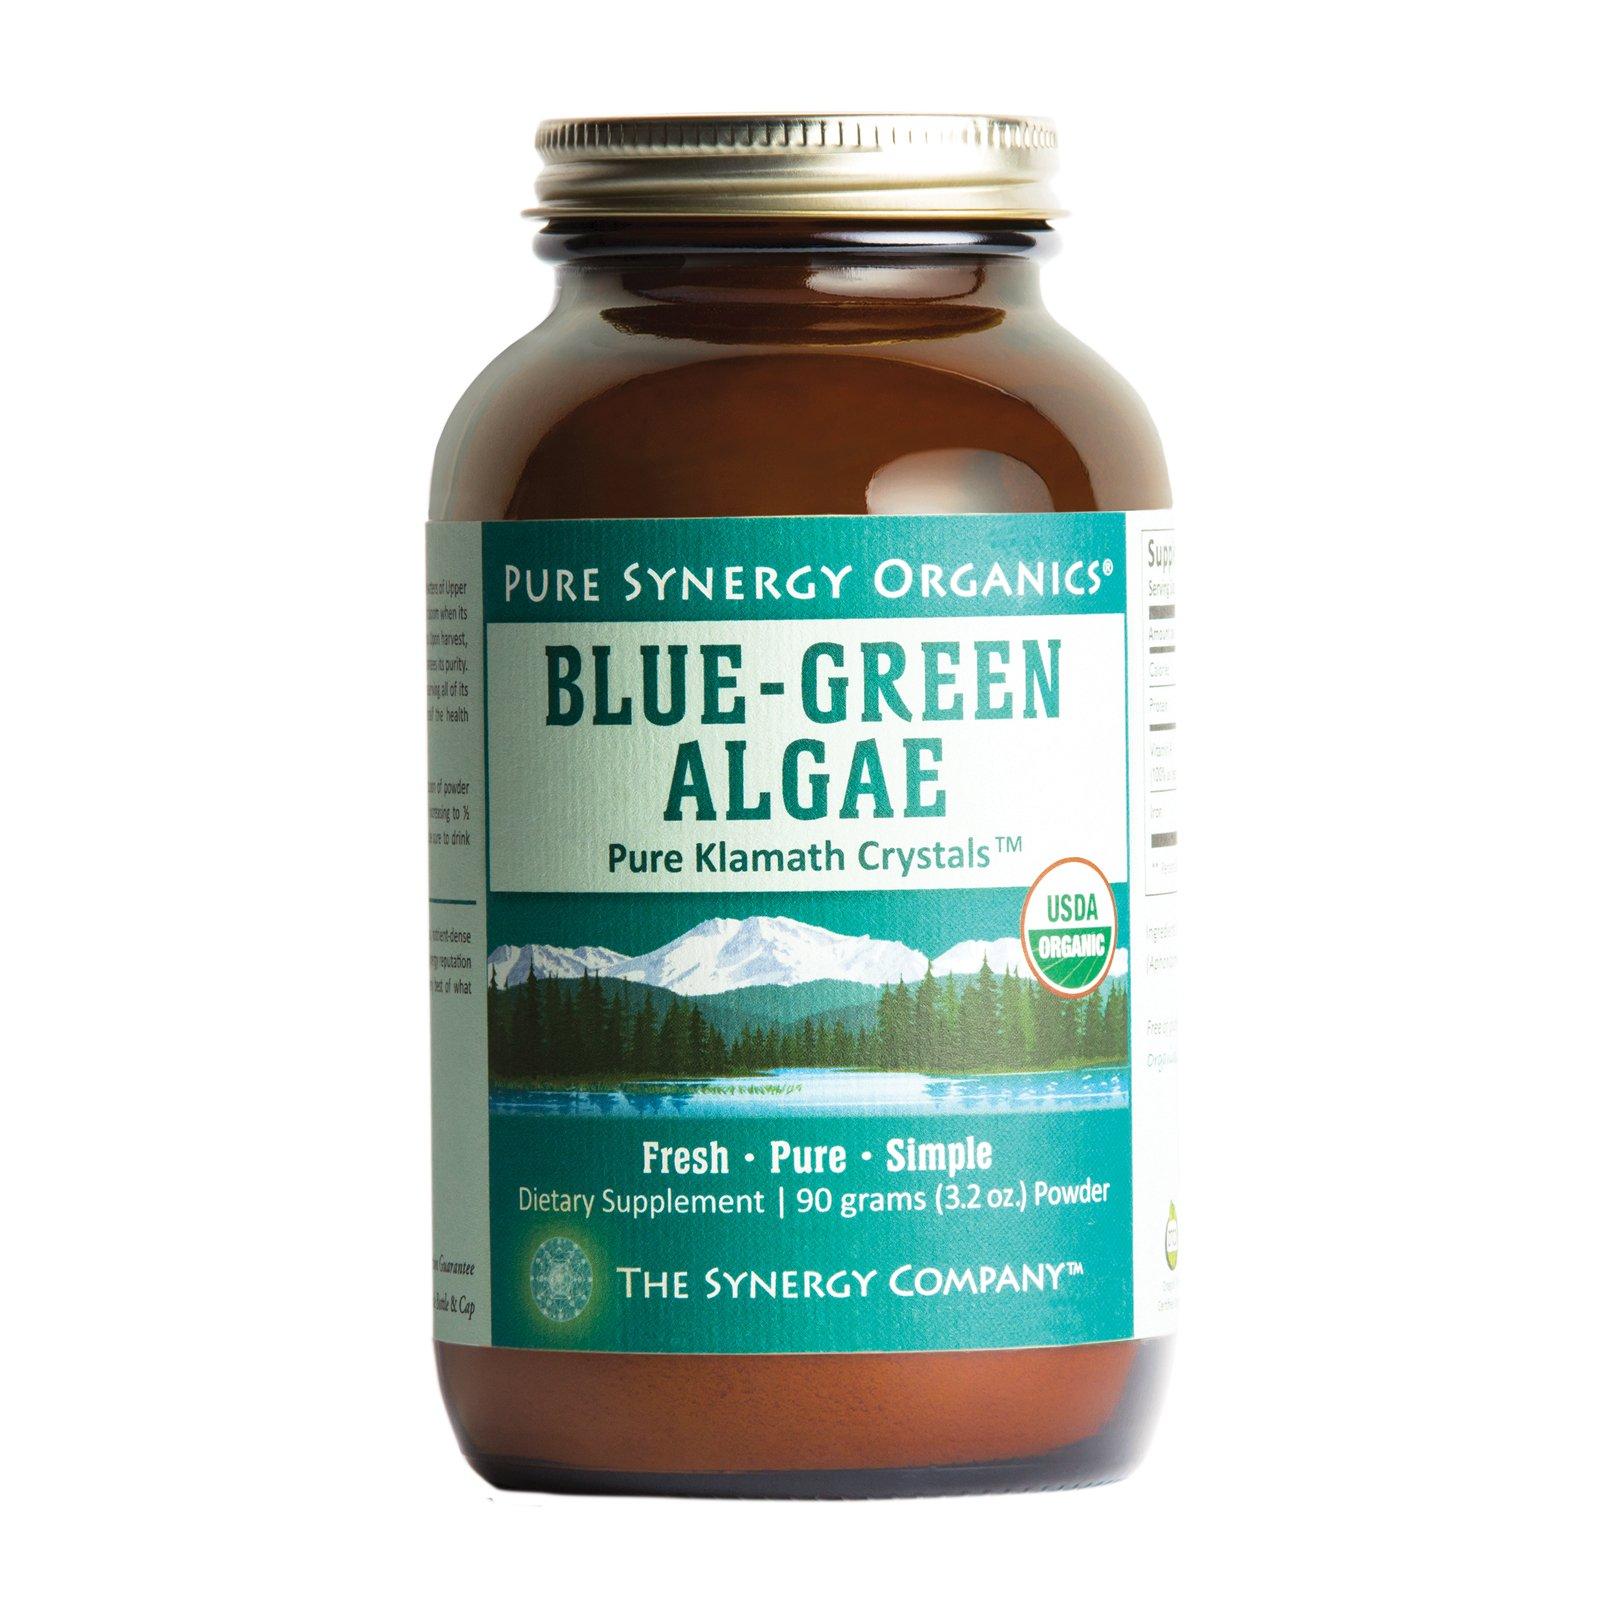 Pure Synergy USDA Organic Klamath Blue Green Algae Powder (3.2 oz) Fully Tested, Non-GMO